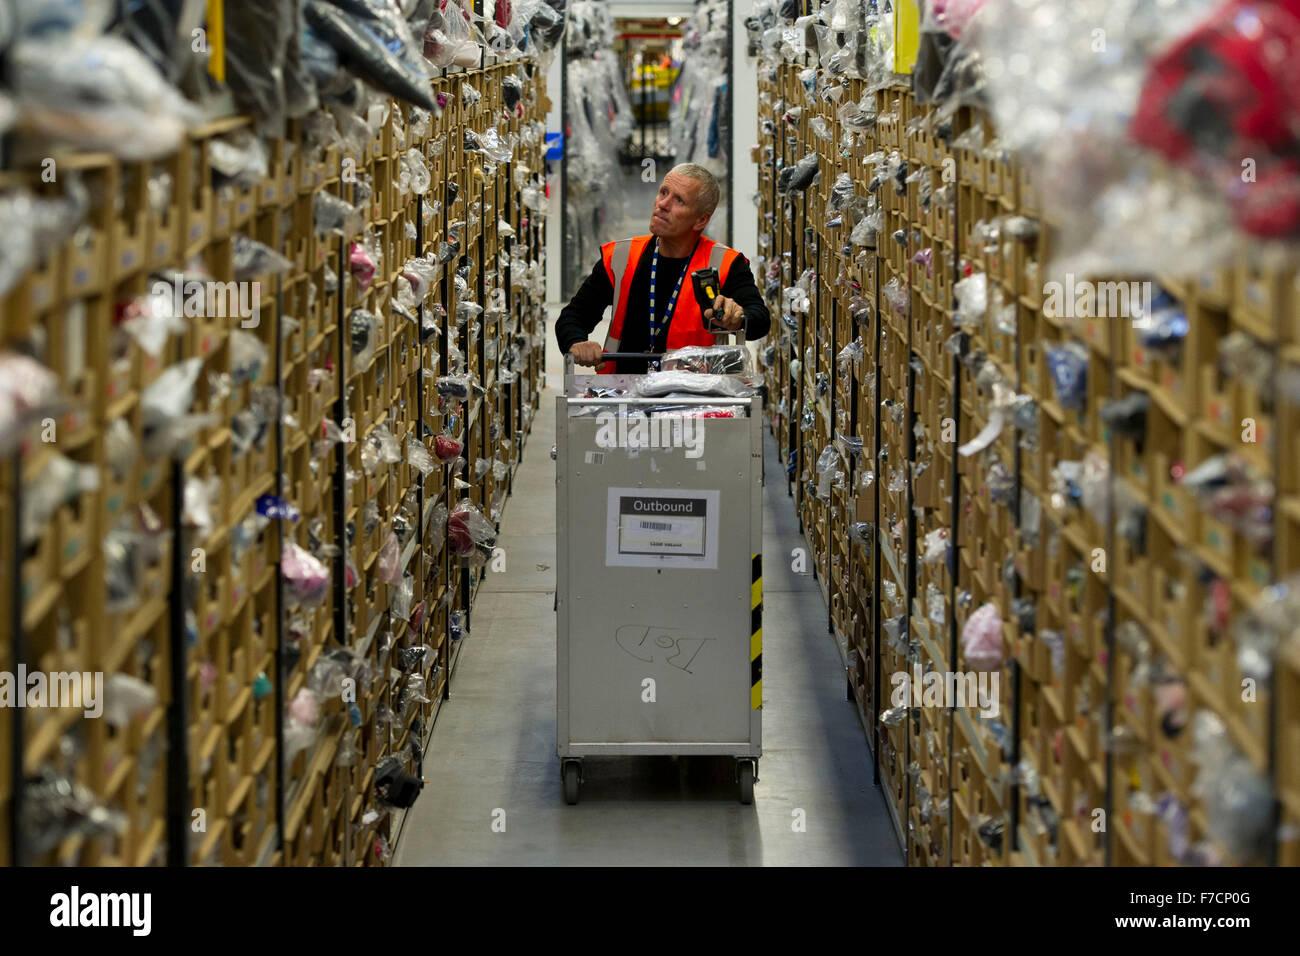 Stock Pickers dans l'Amazon Fulfillment Center entrepôt à Swansea, Pays de Galles. Elles engagent Photo Stock